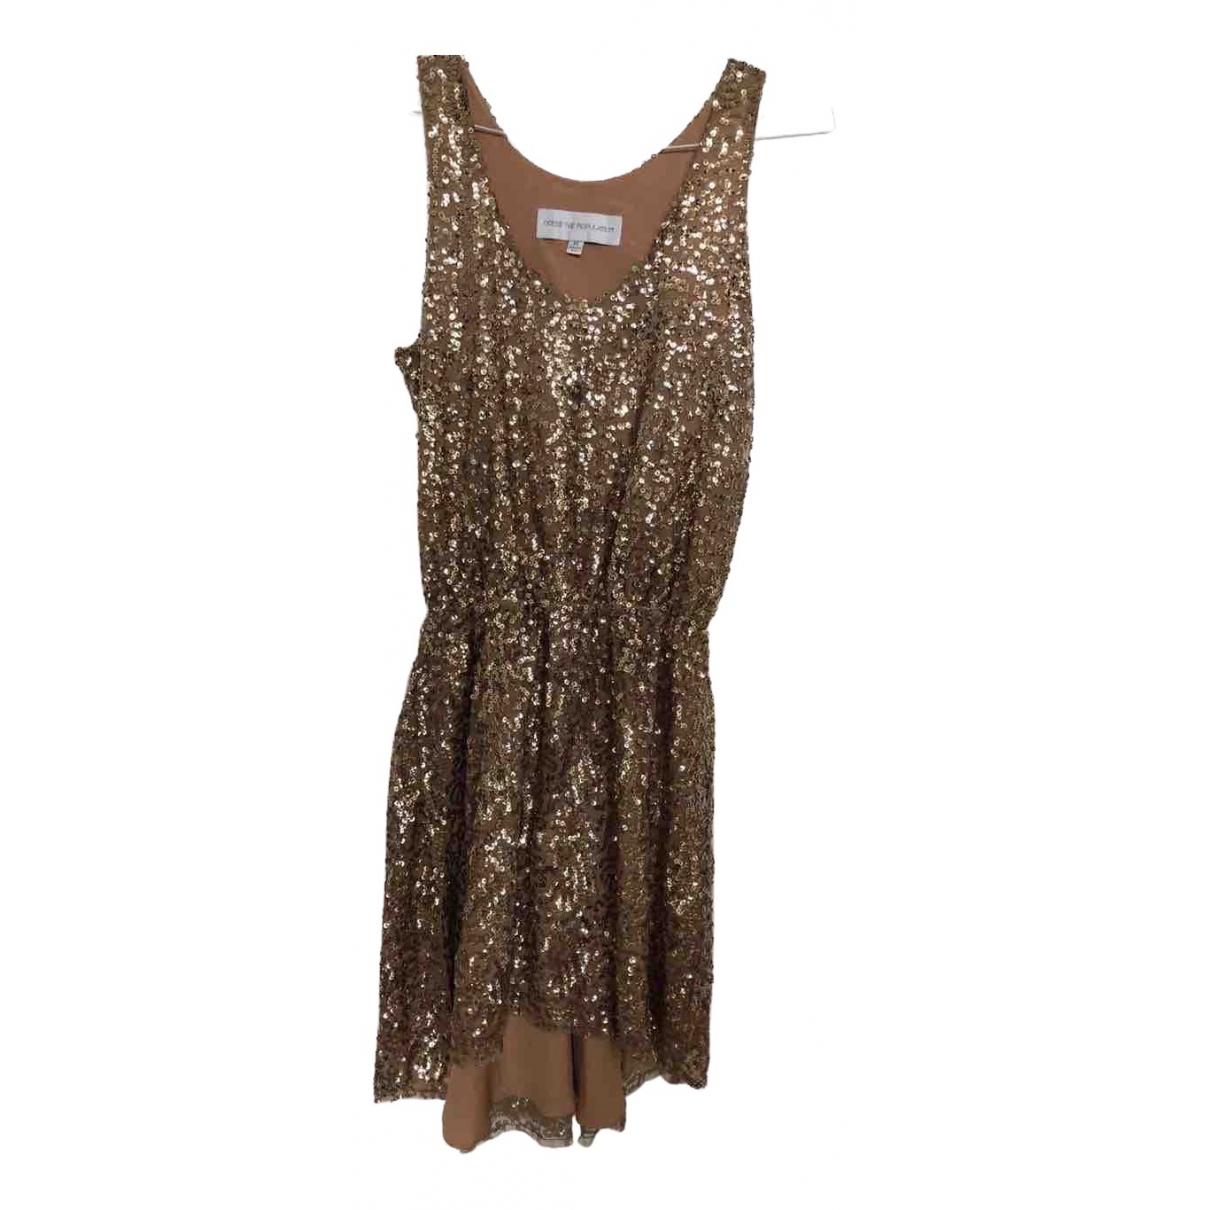 Dress The Population - Robe   pour femme en a paillettes - dore